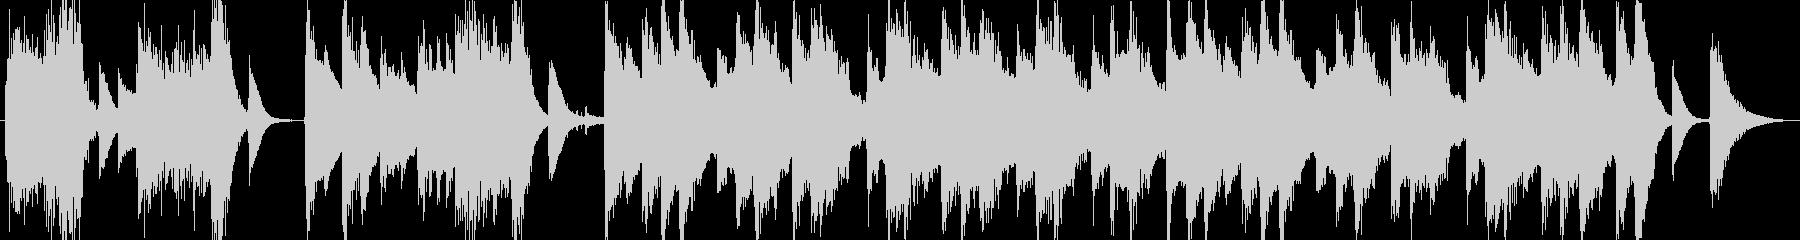 高音質♪レトロ風ピアノ曲出囃子ループの未再生の波形